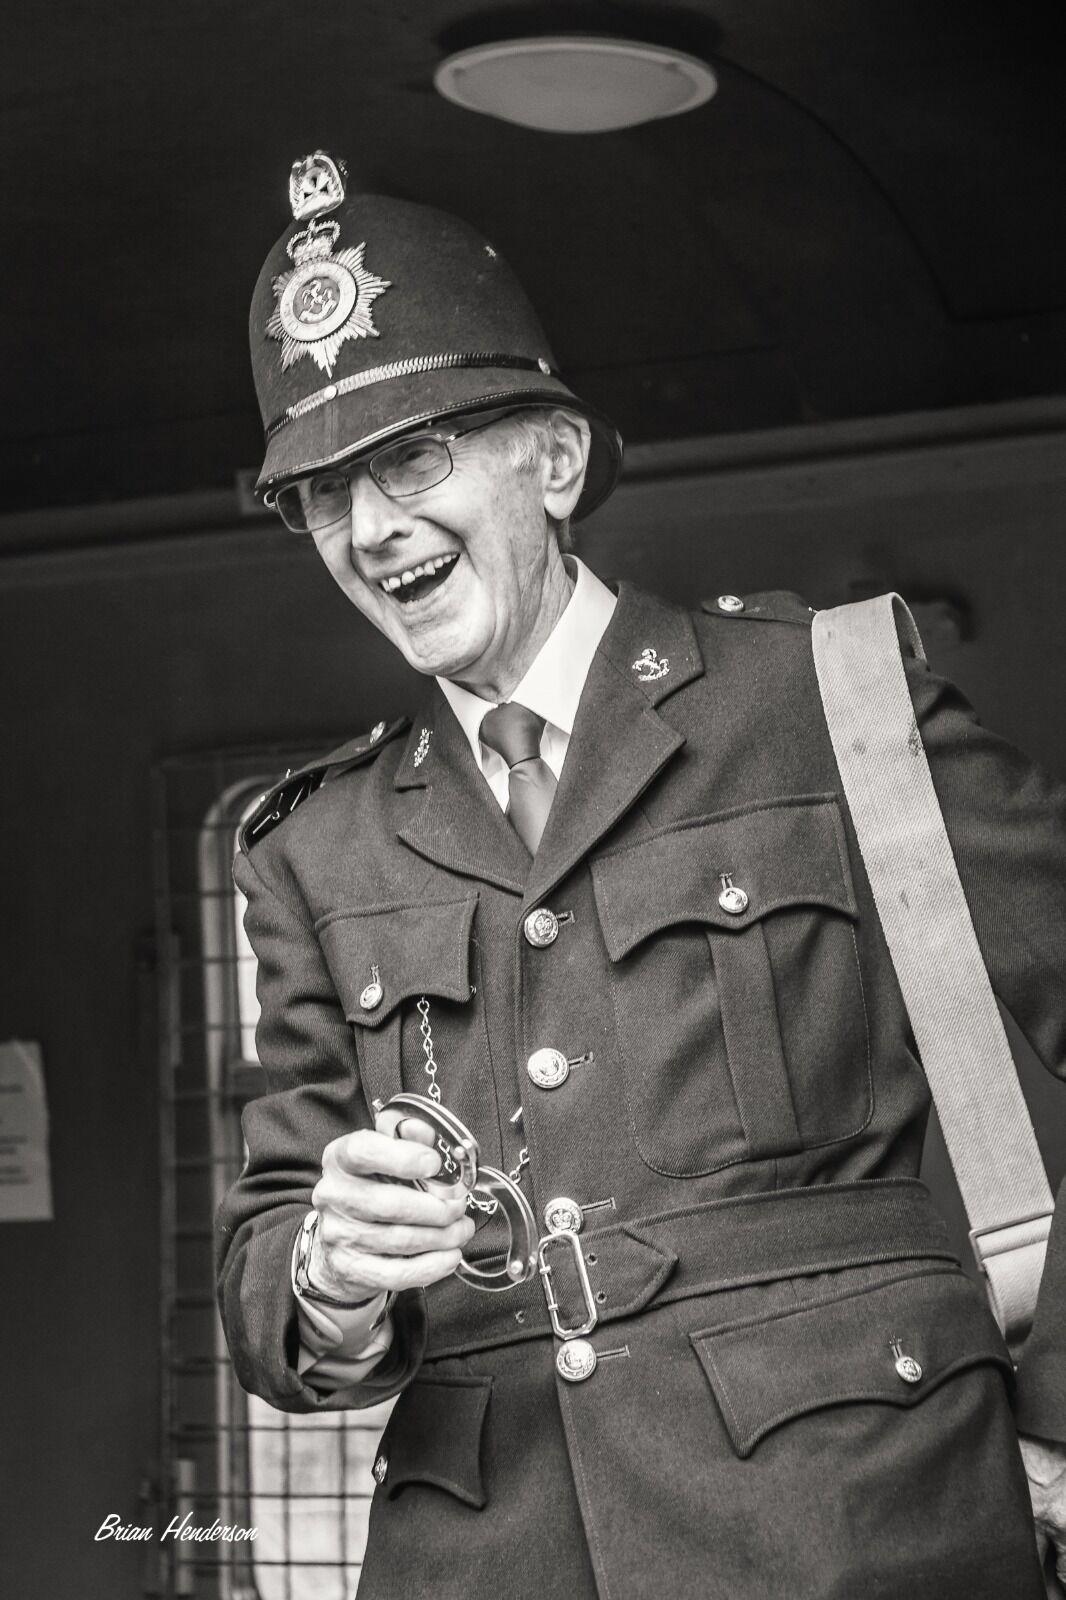 Laughing Policeman!